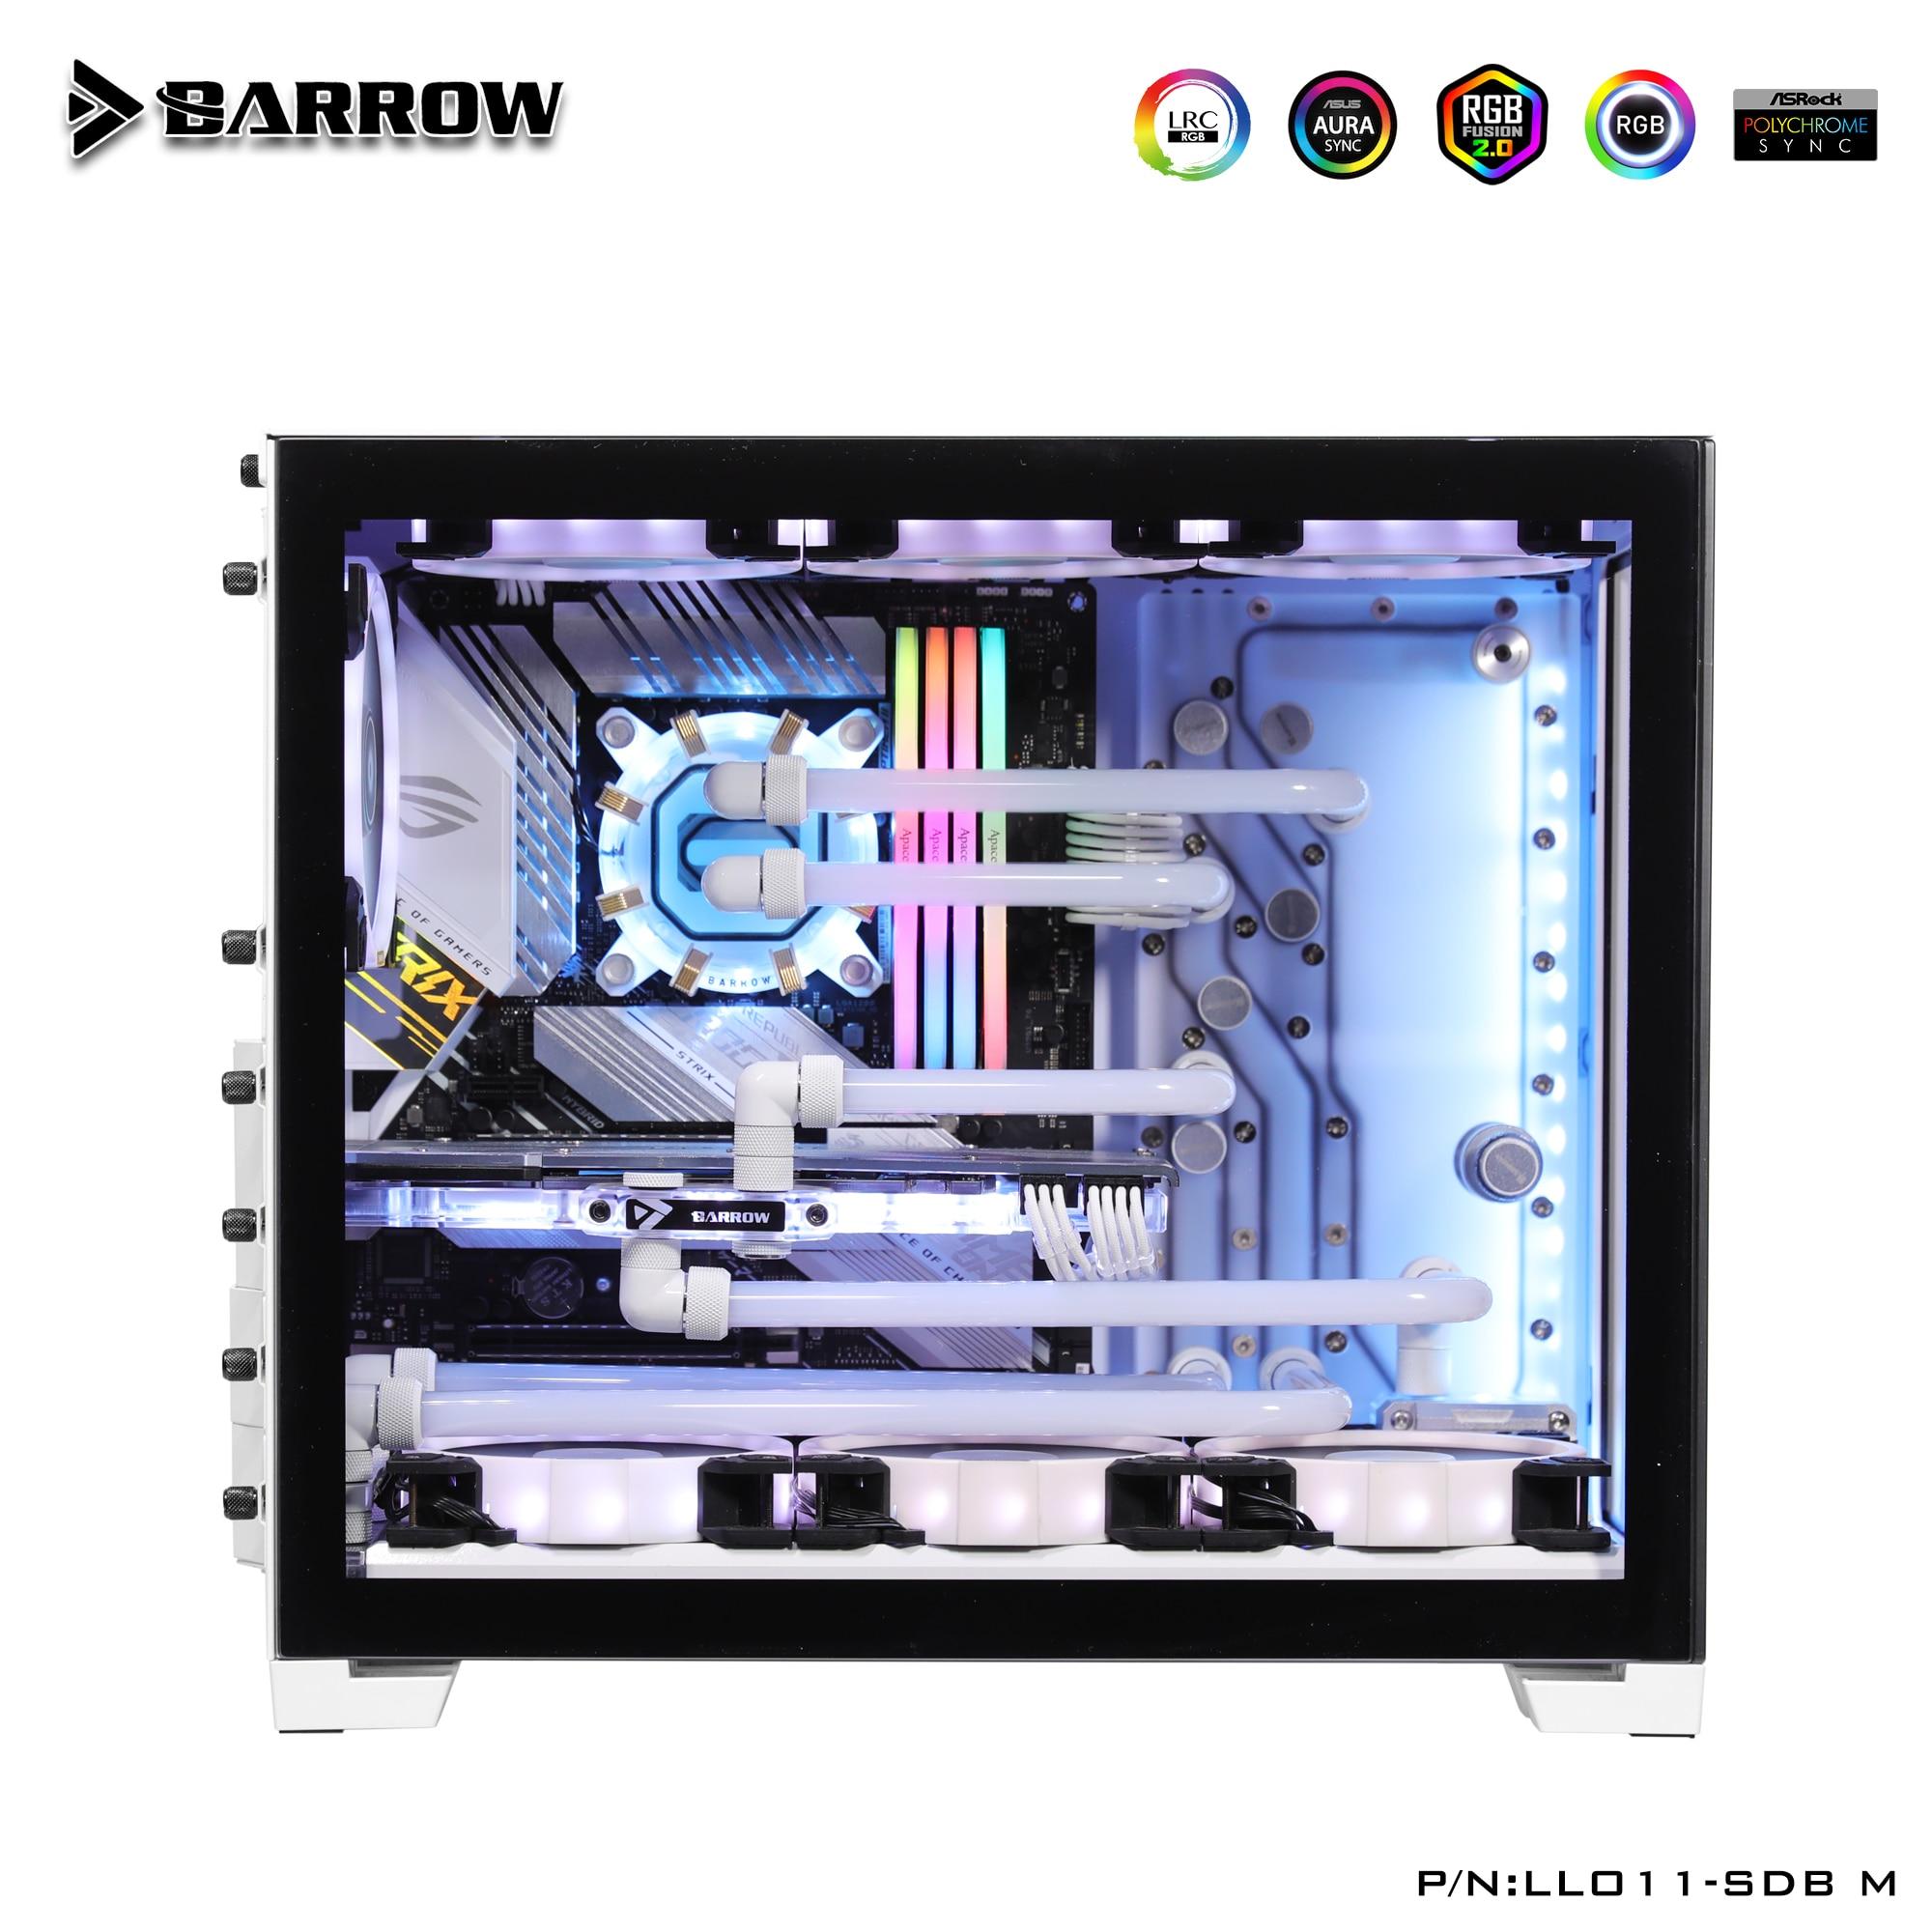 بارو لوحة المياه ل ليان لي O11 حافظة صغيرة ، نظام تبريد المياه ، وحدة المعالجة المركزية وحدة معالجة الرسومات برودة ، خزان المياه ، LLO11-SDB م